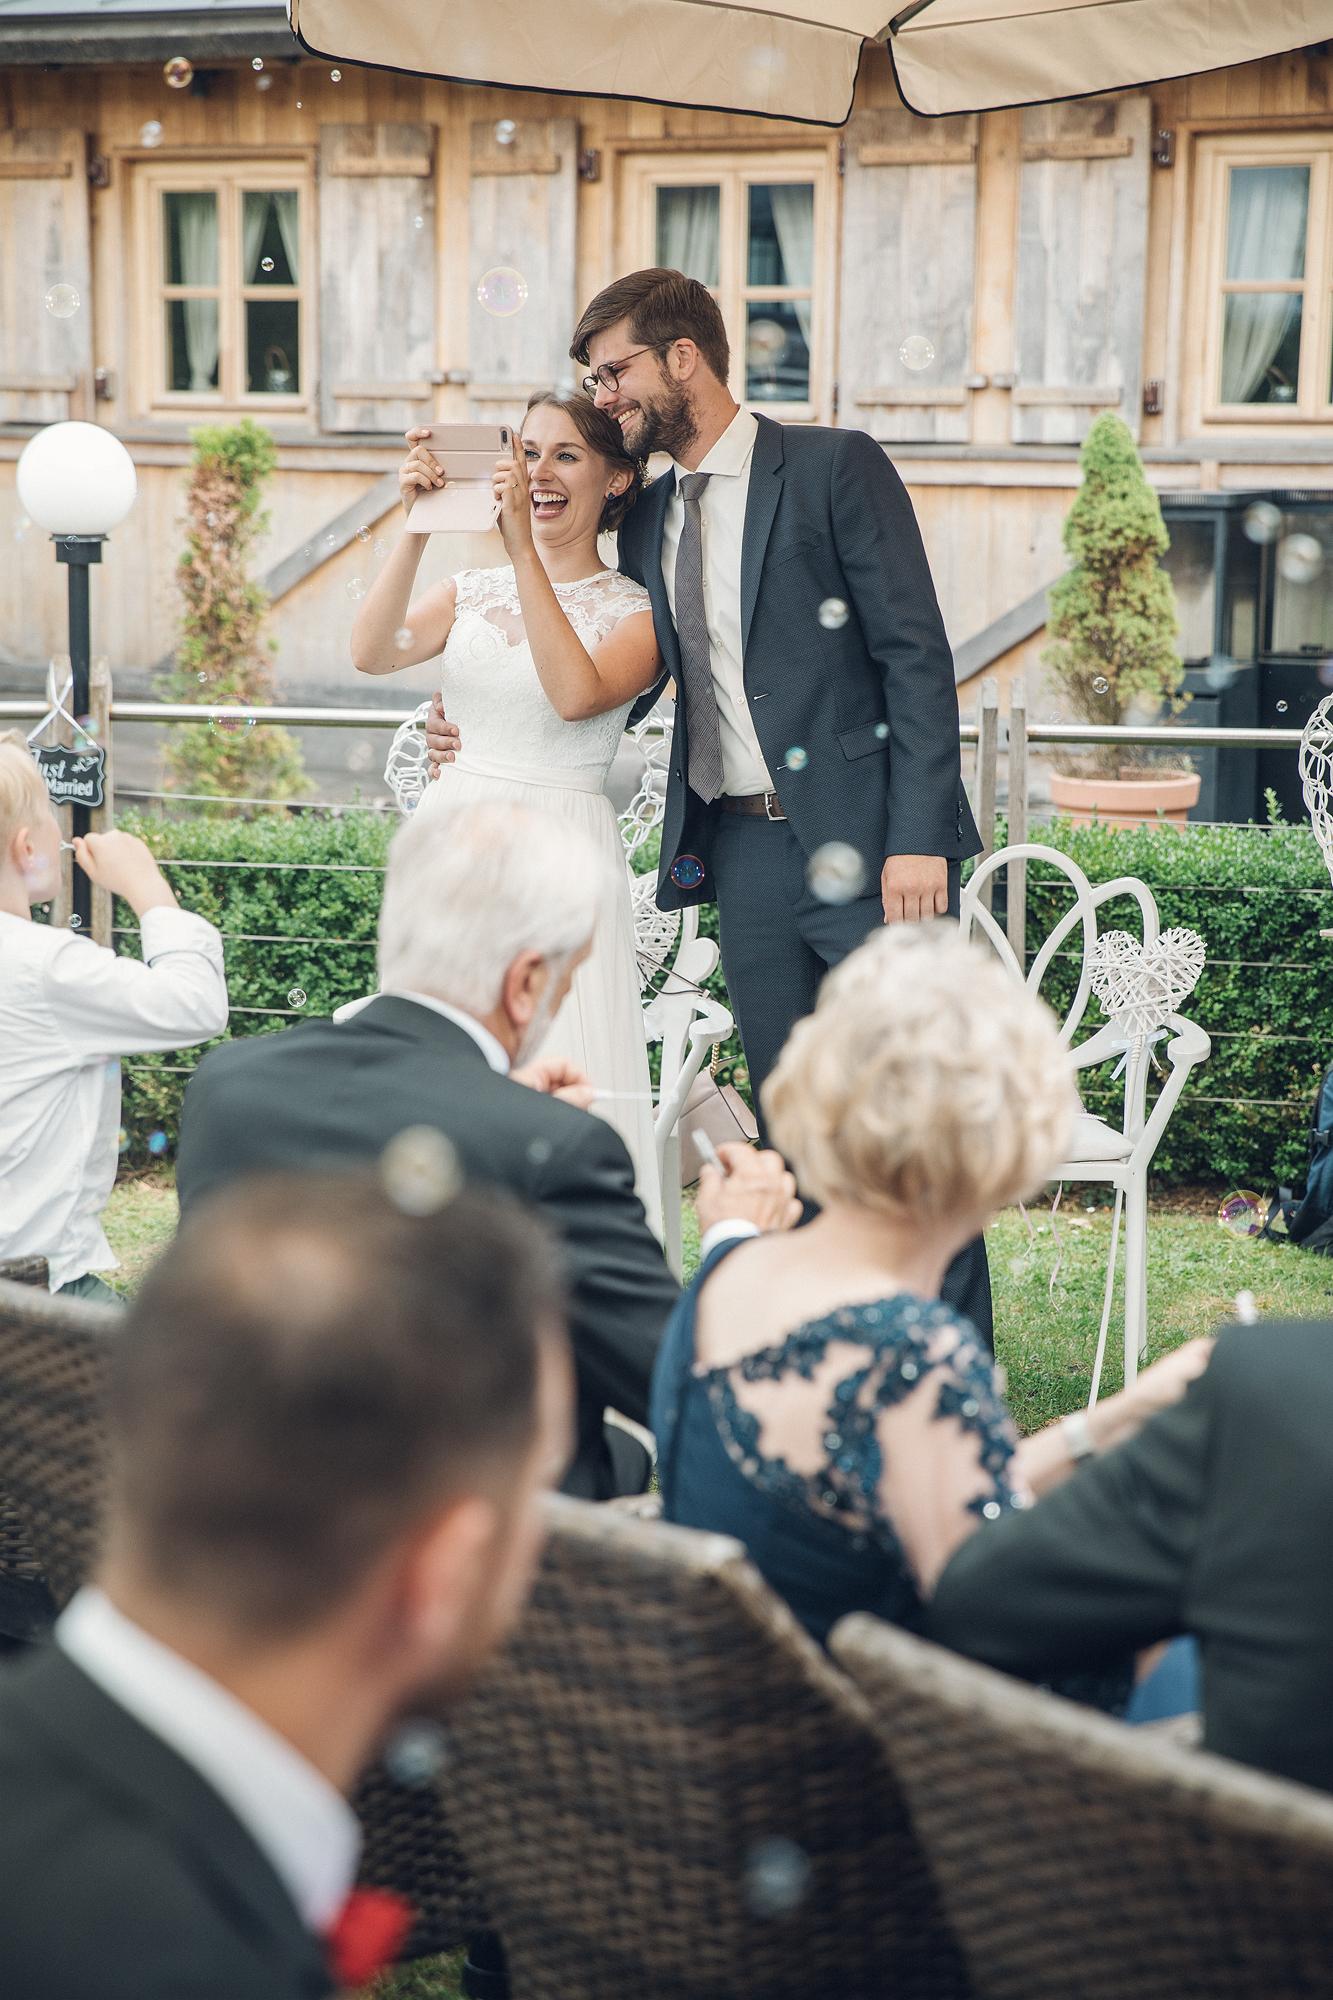 Die Braut macht ein Foto von den Gästen